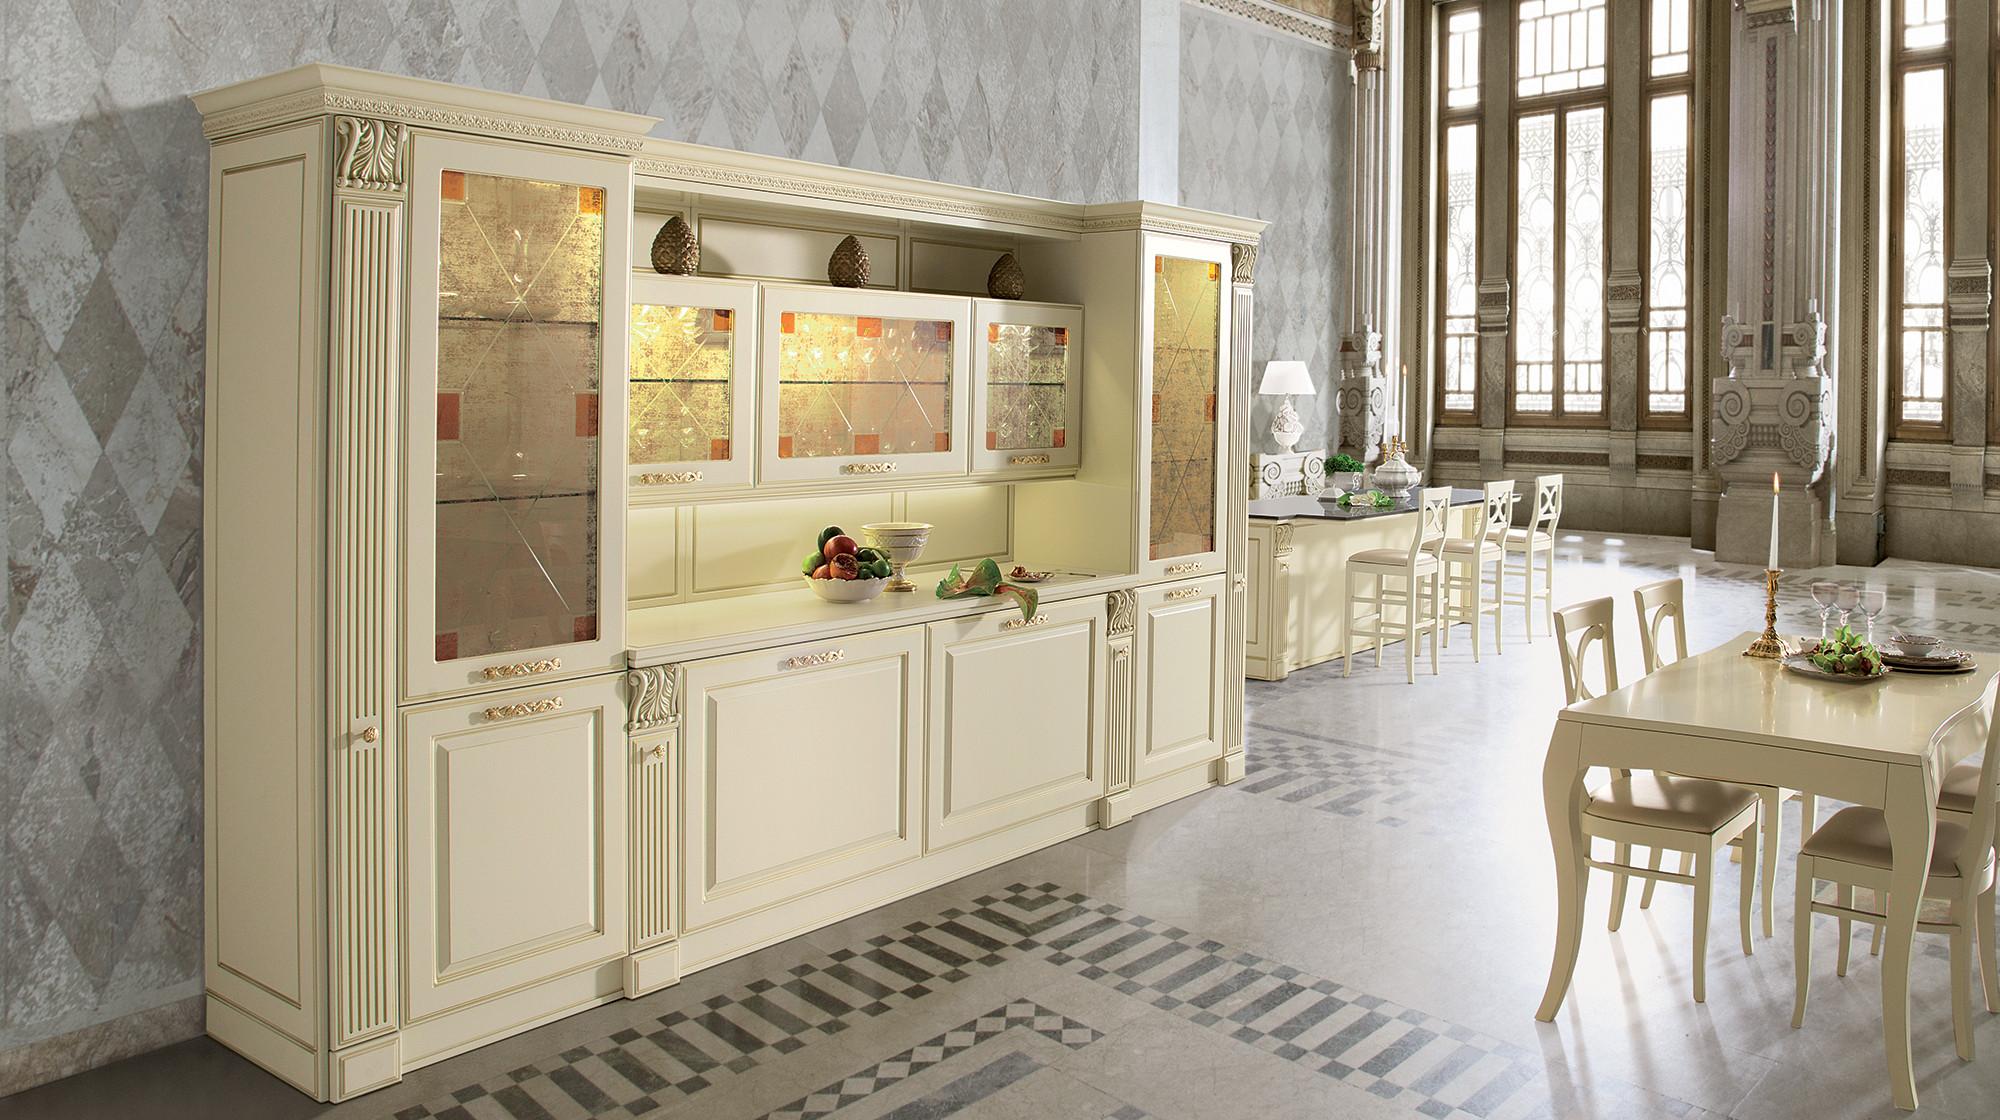 Veneta Cucine Mirabeau Prezzo.Cucina Mirabeau Veneta Cucine